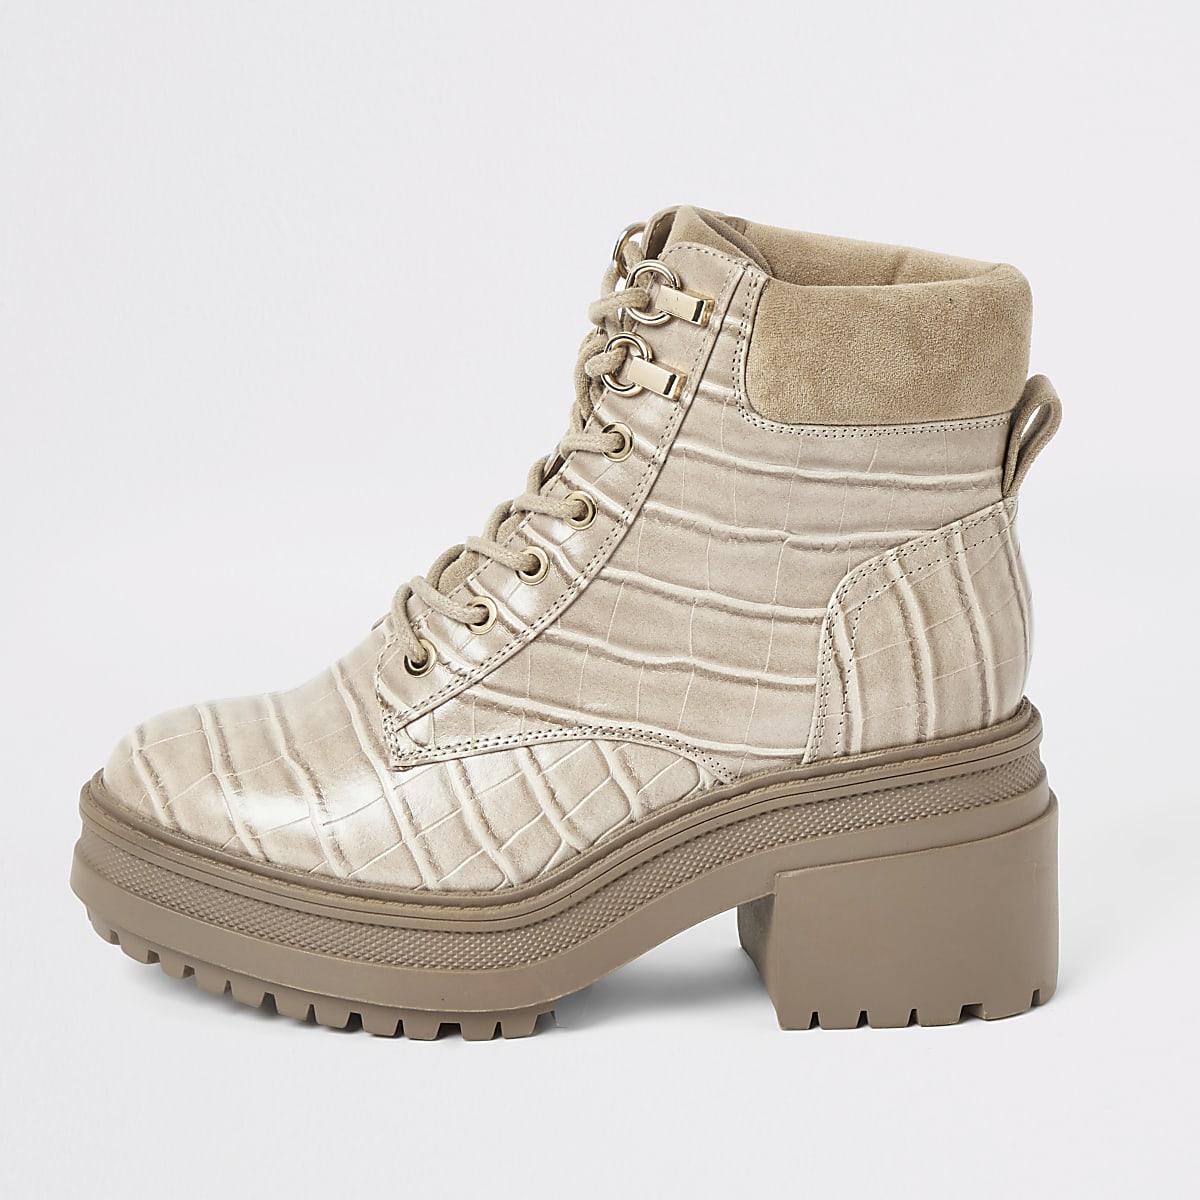 Beige stevige laarzen met veters en krokodillenprint